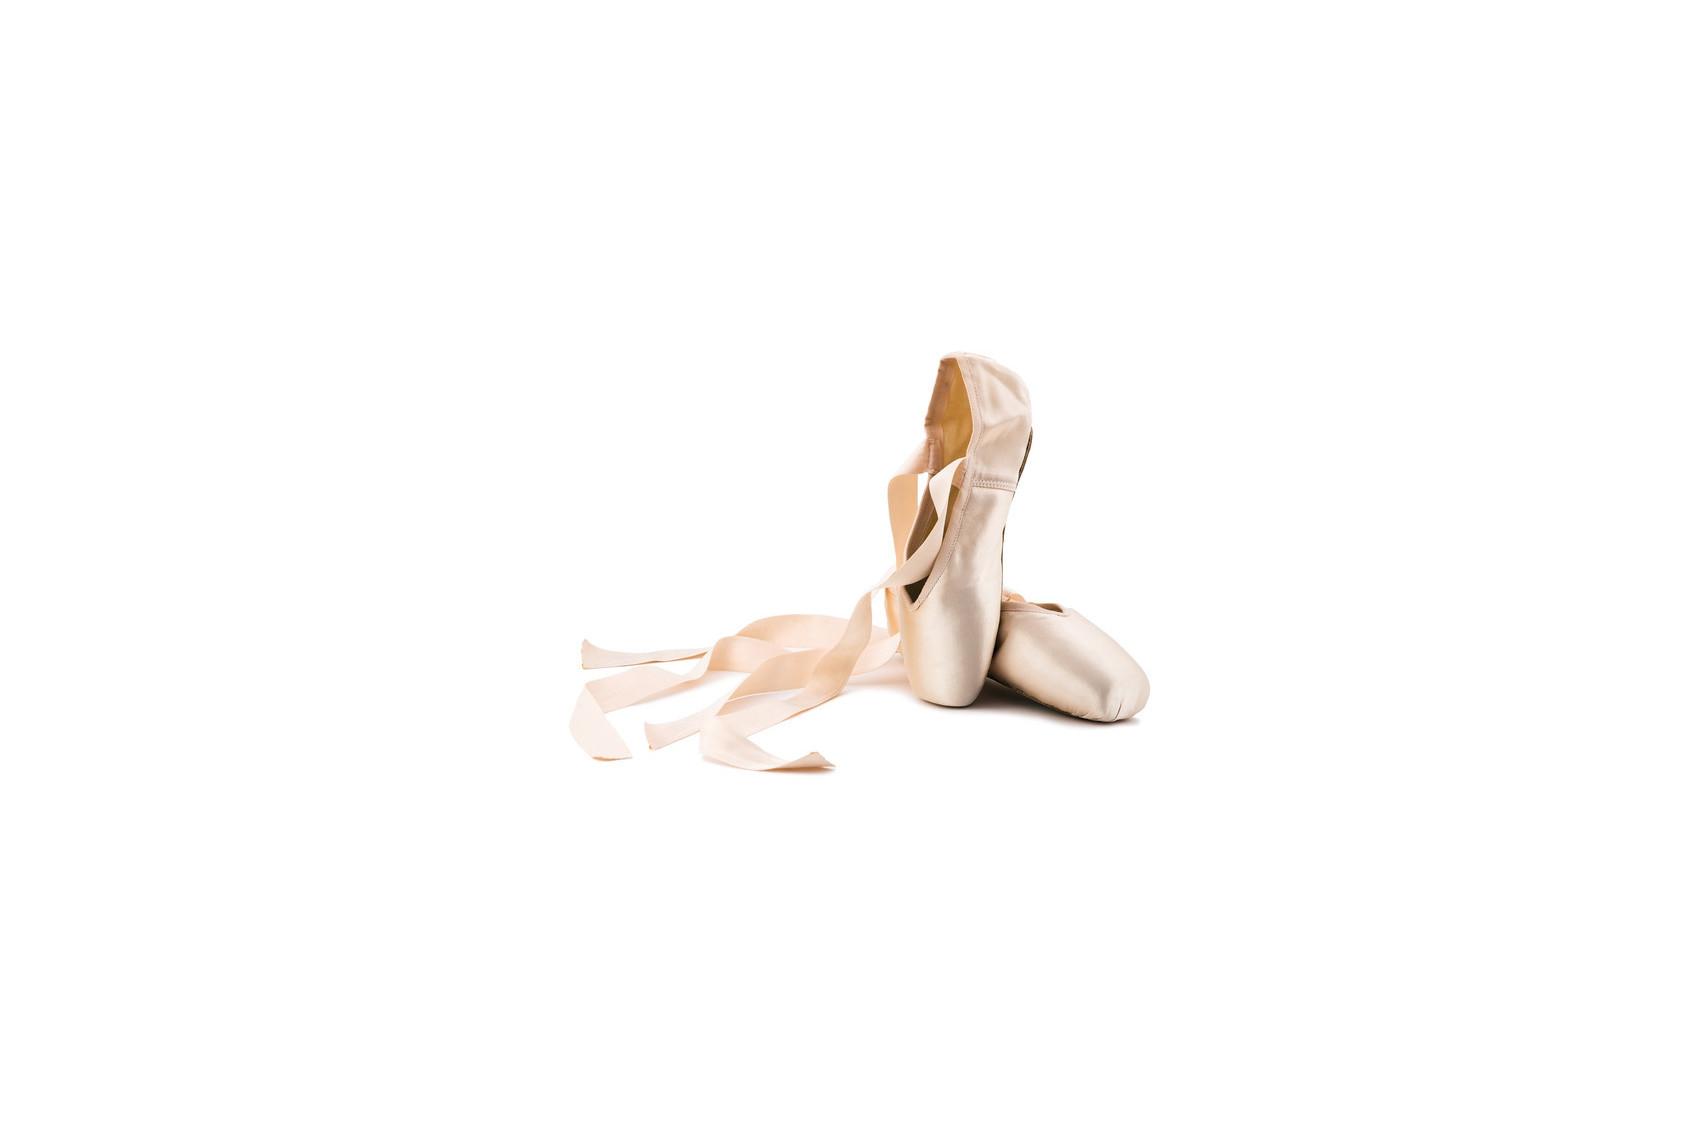 Tout pour entretenir vos chaussons de danse et vos pieds.